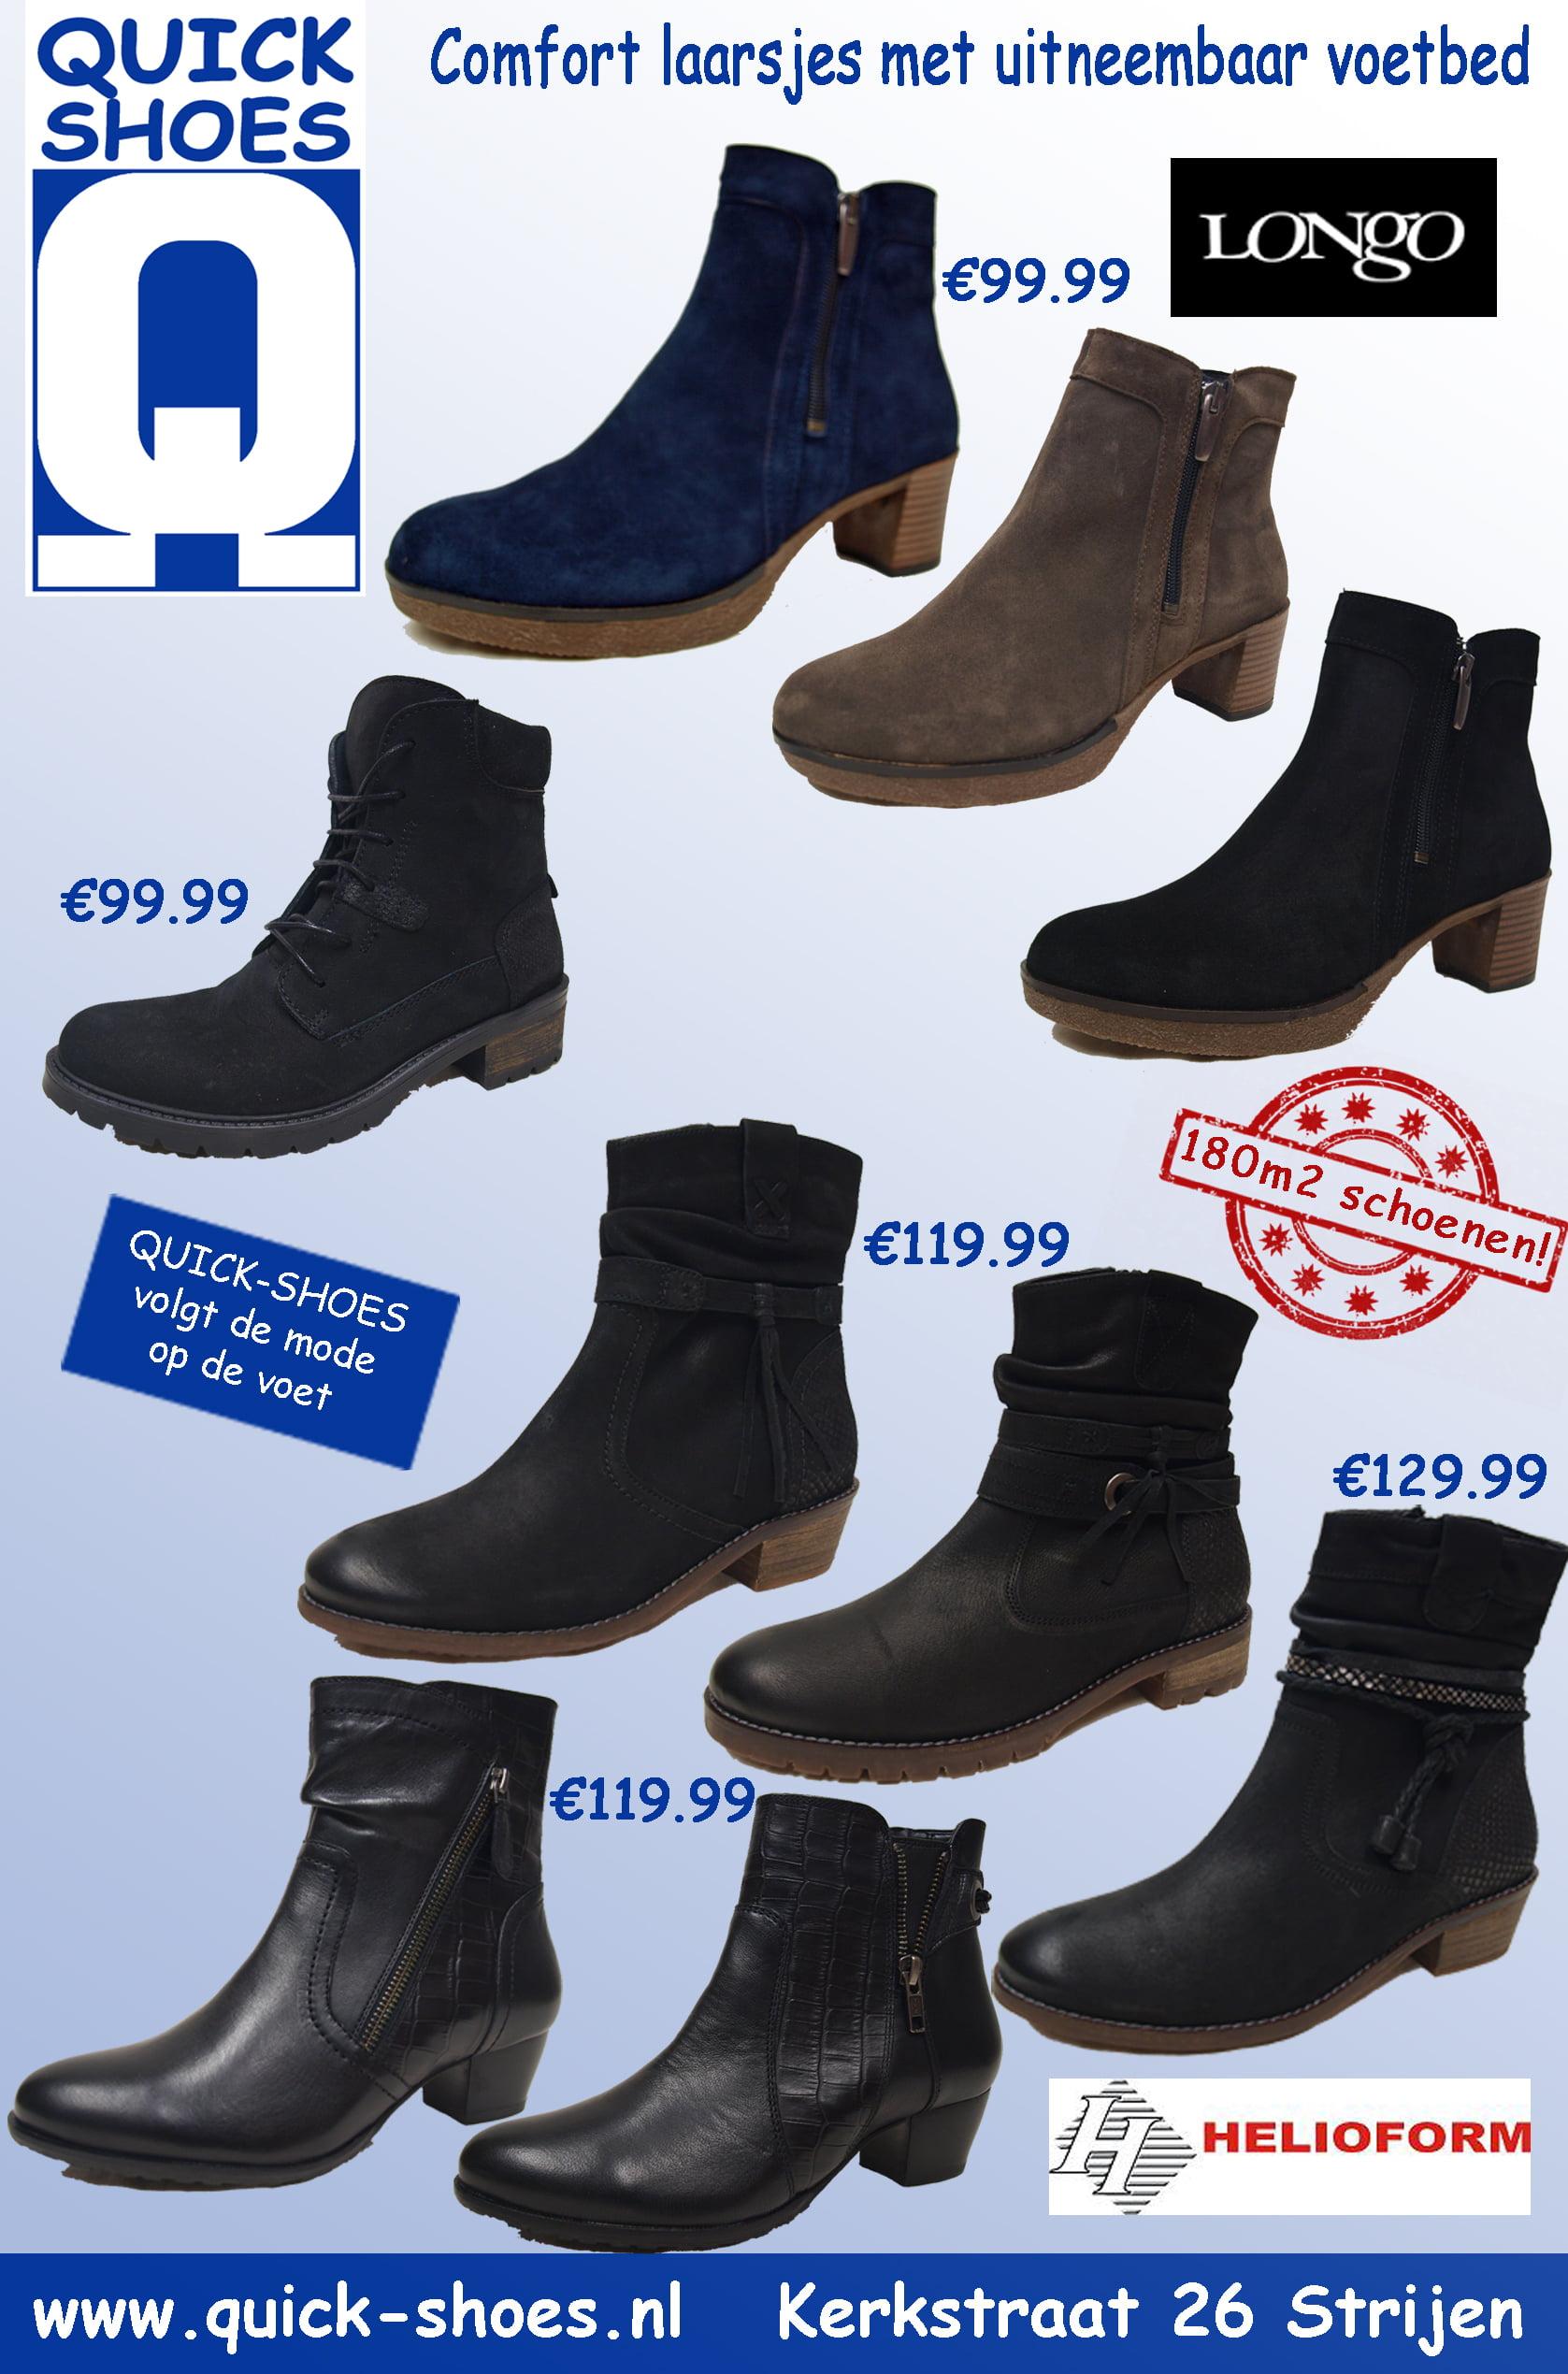 Comfort laarsjes met uitneembaar voetbed bij Quick Shoes in